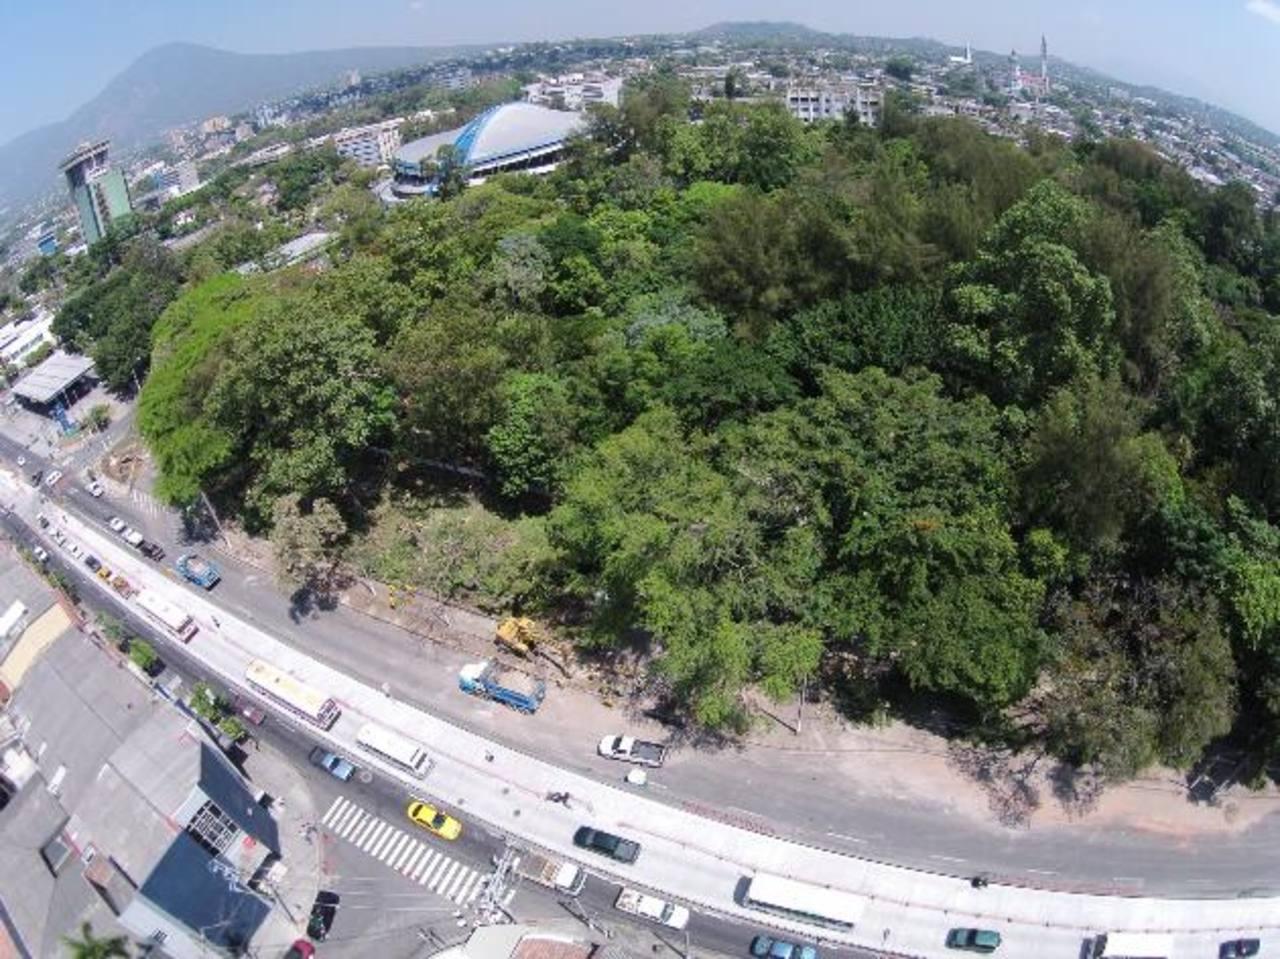 En abril, las autoridades de Obras Públicas prometieron sembrar un bosque en la zona de atrás del Parque Infantil, para ello destruirían dos edificios antiguos. foto edh / archivo